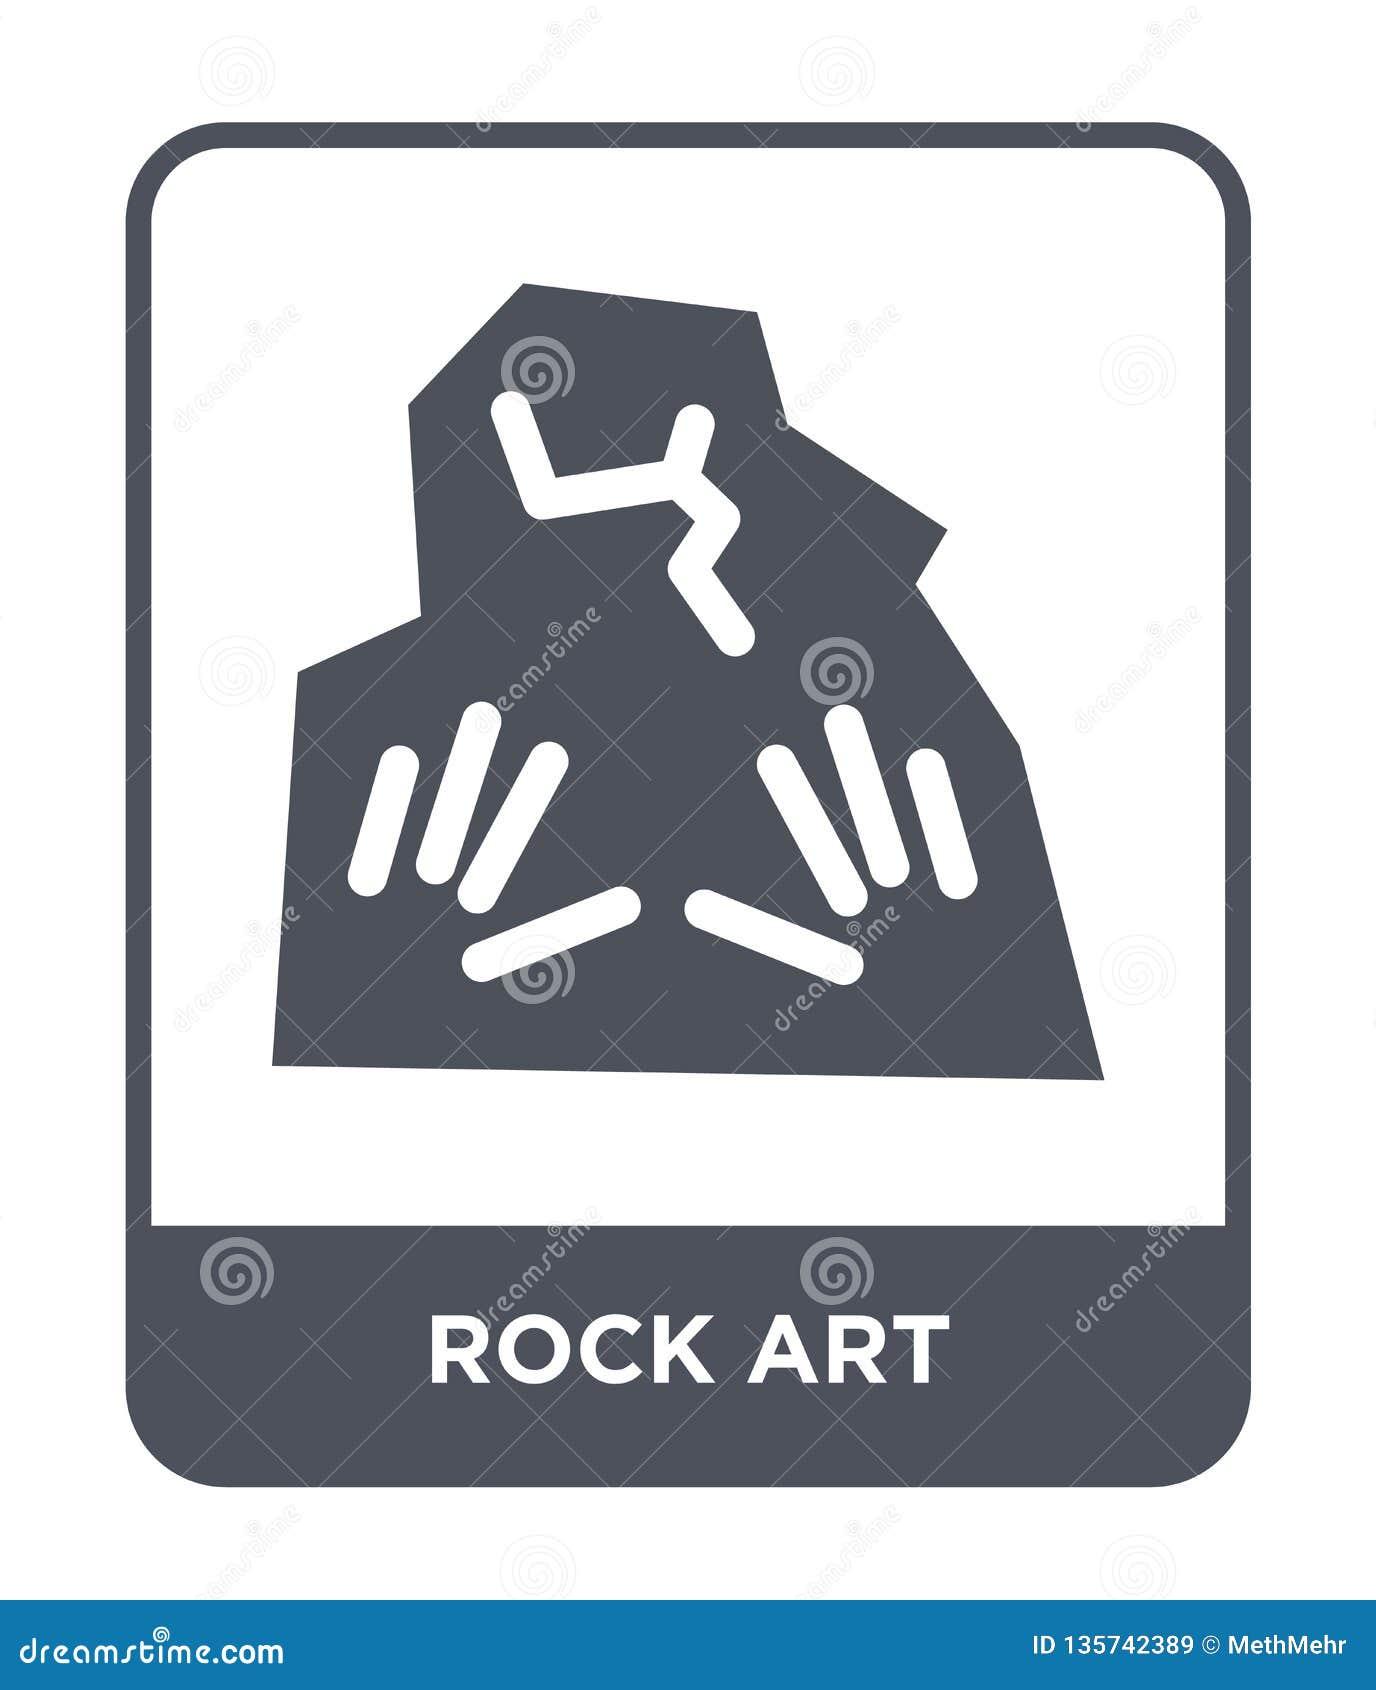 Icono del arte de la roca en estilo de moda del diseño icono del arte de la roca aislado en el fondo blanco plano simple y modern